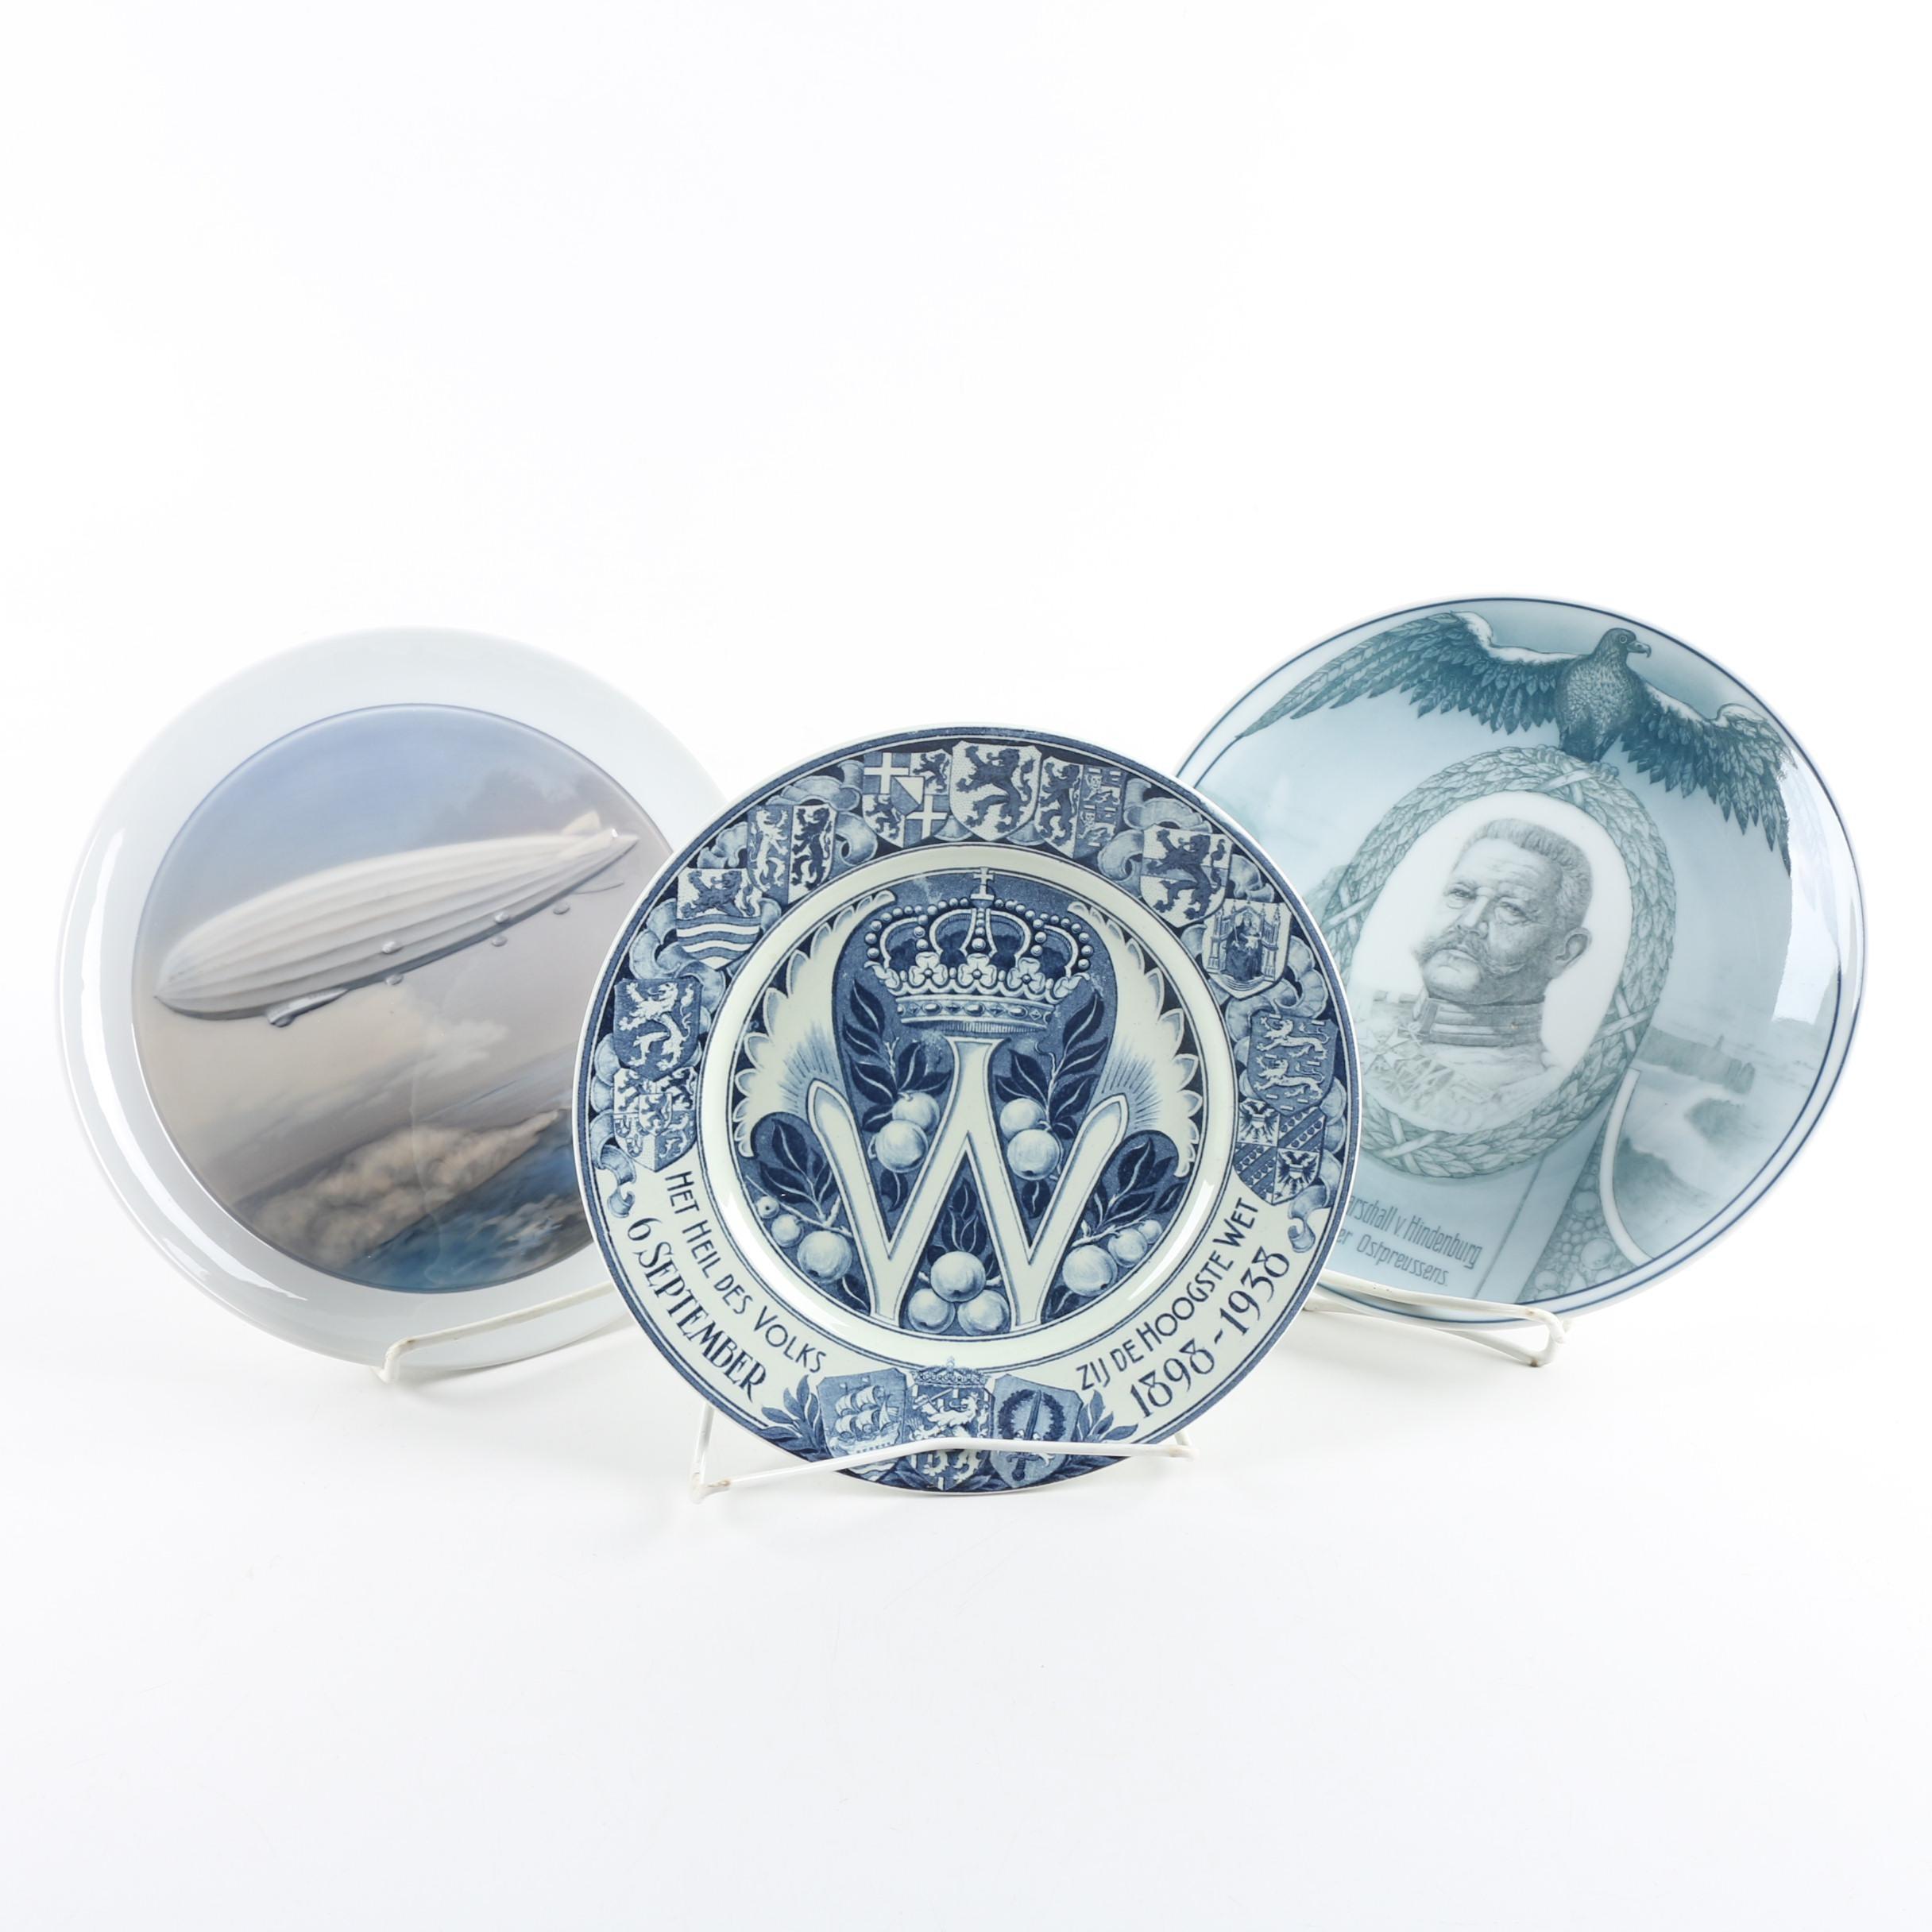 Commemorative WWI Porcelain Plates